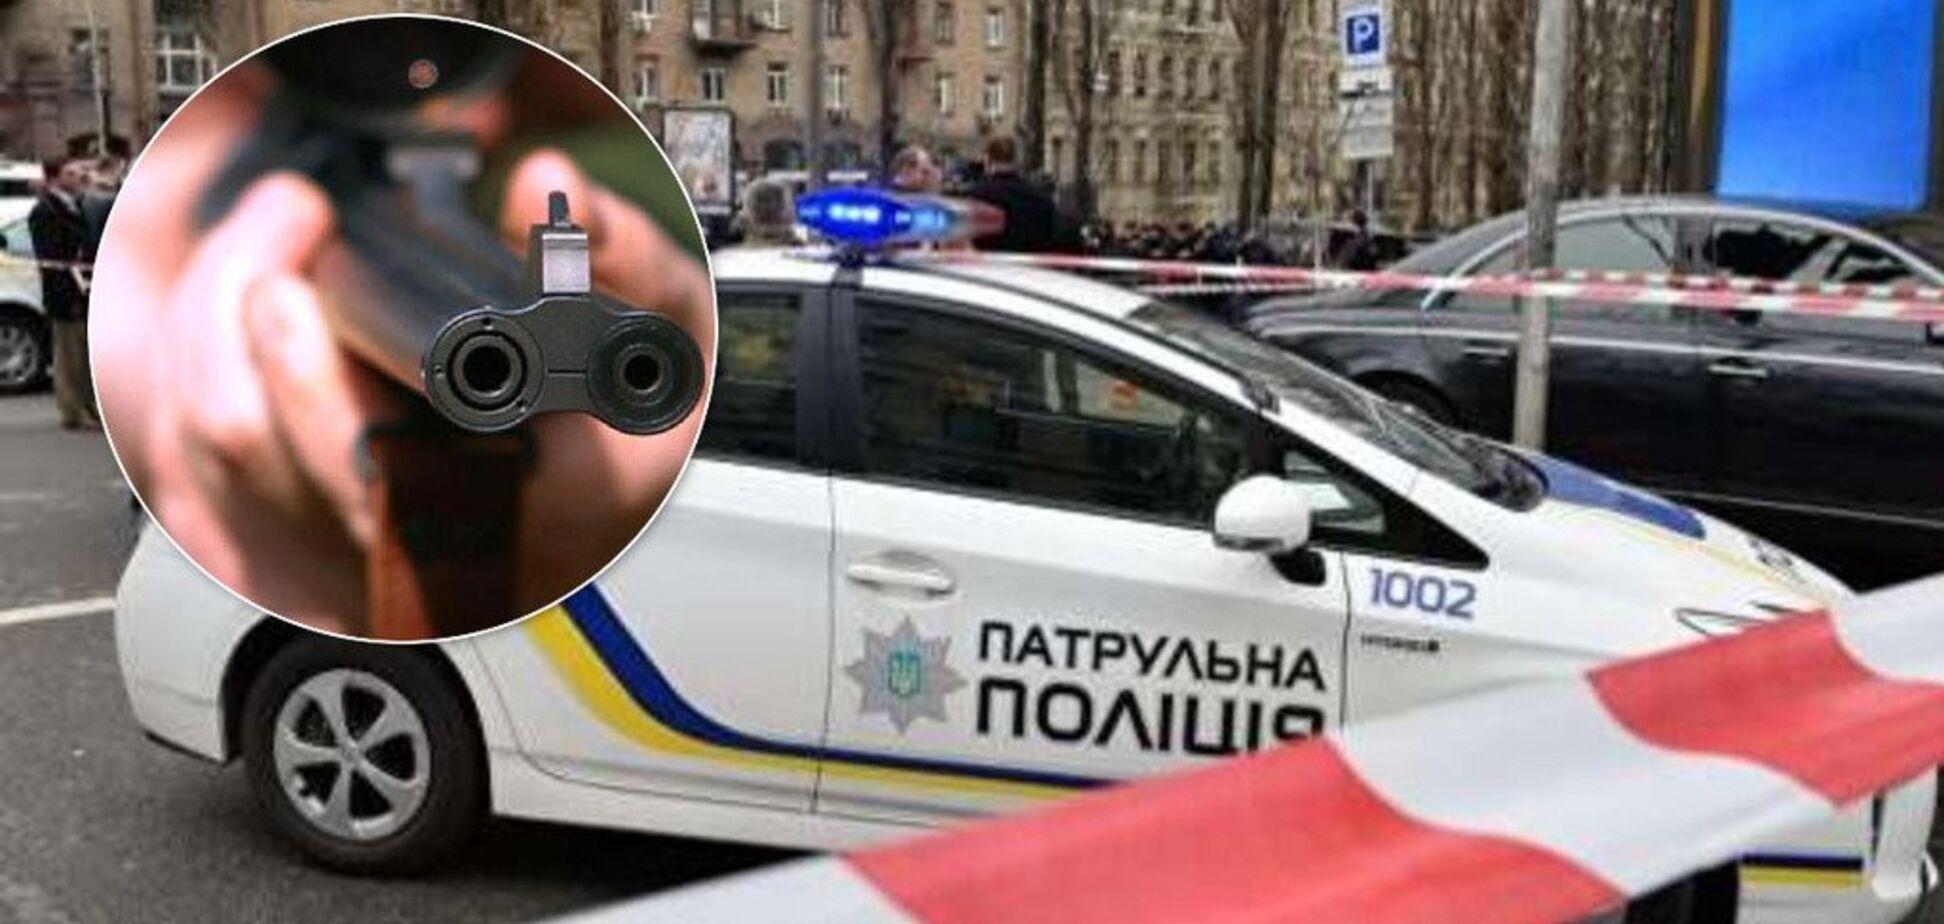 Застрелений захисник мав серйозну інформацію щодо справи Вороненкова – адвокат Добош